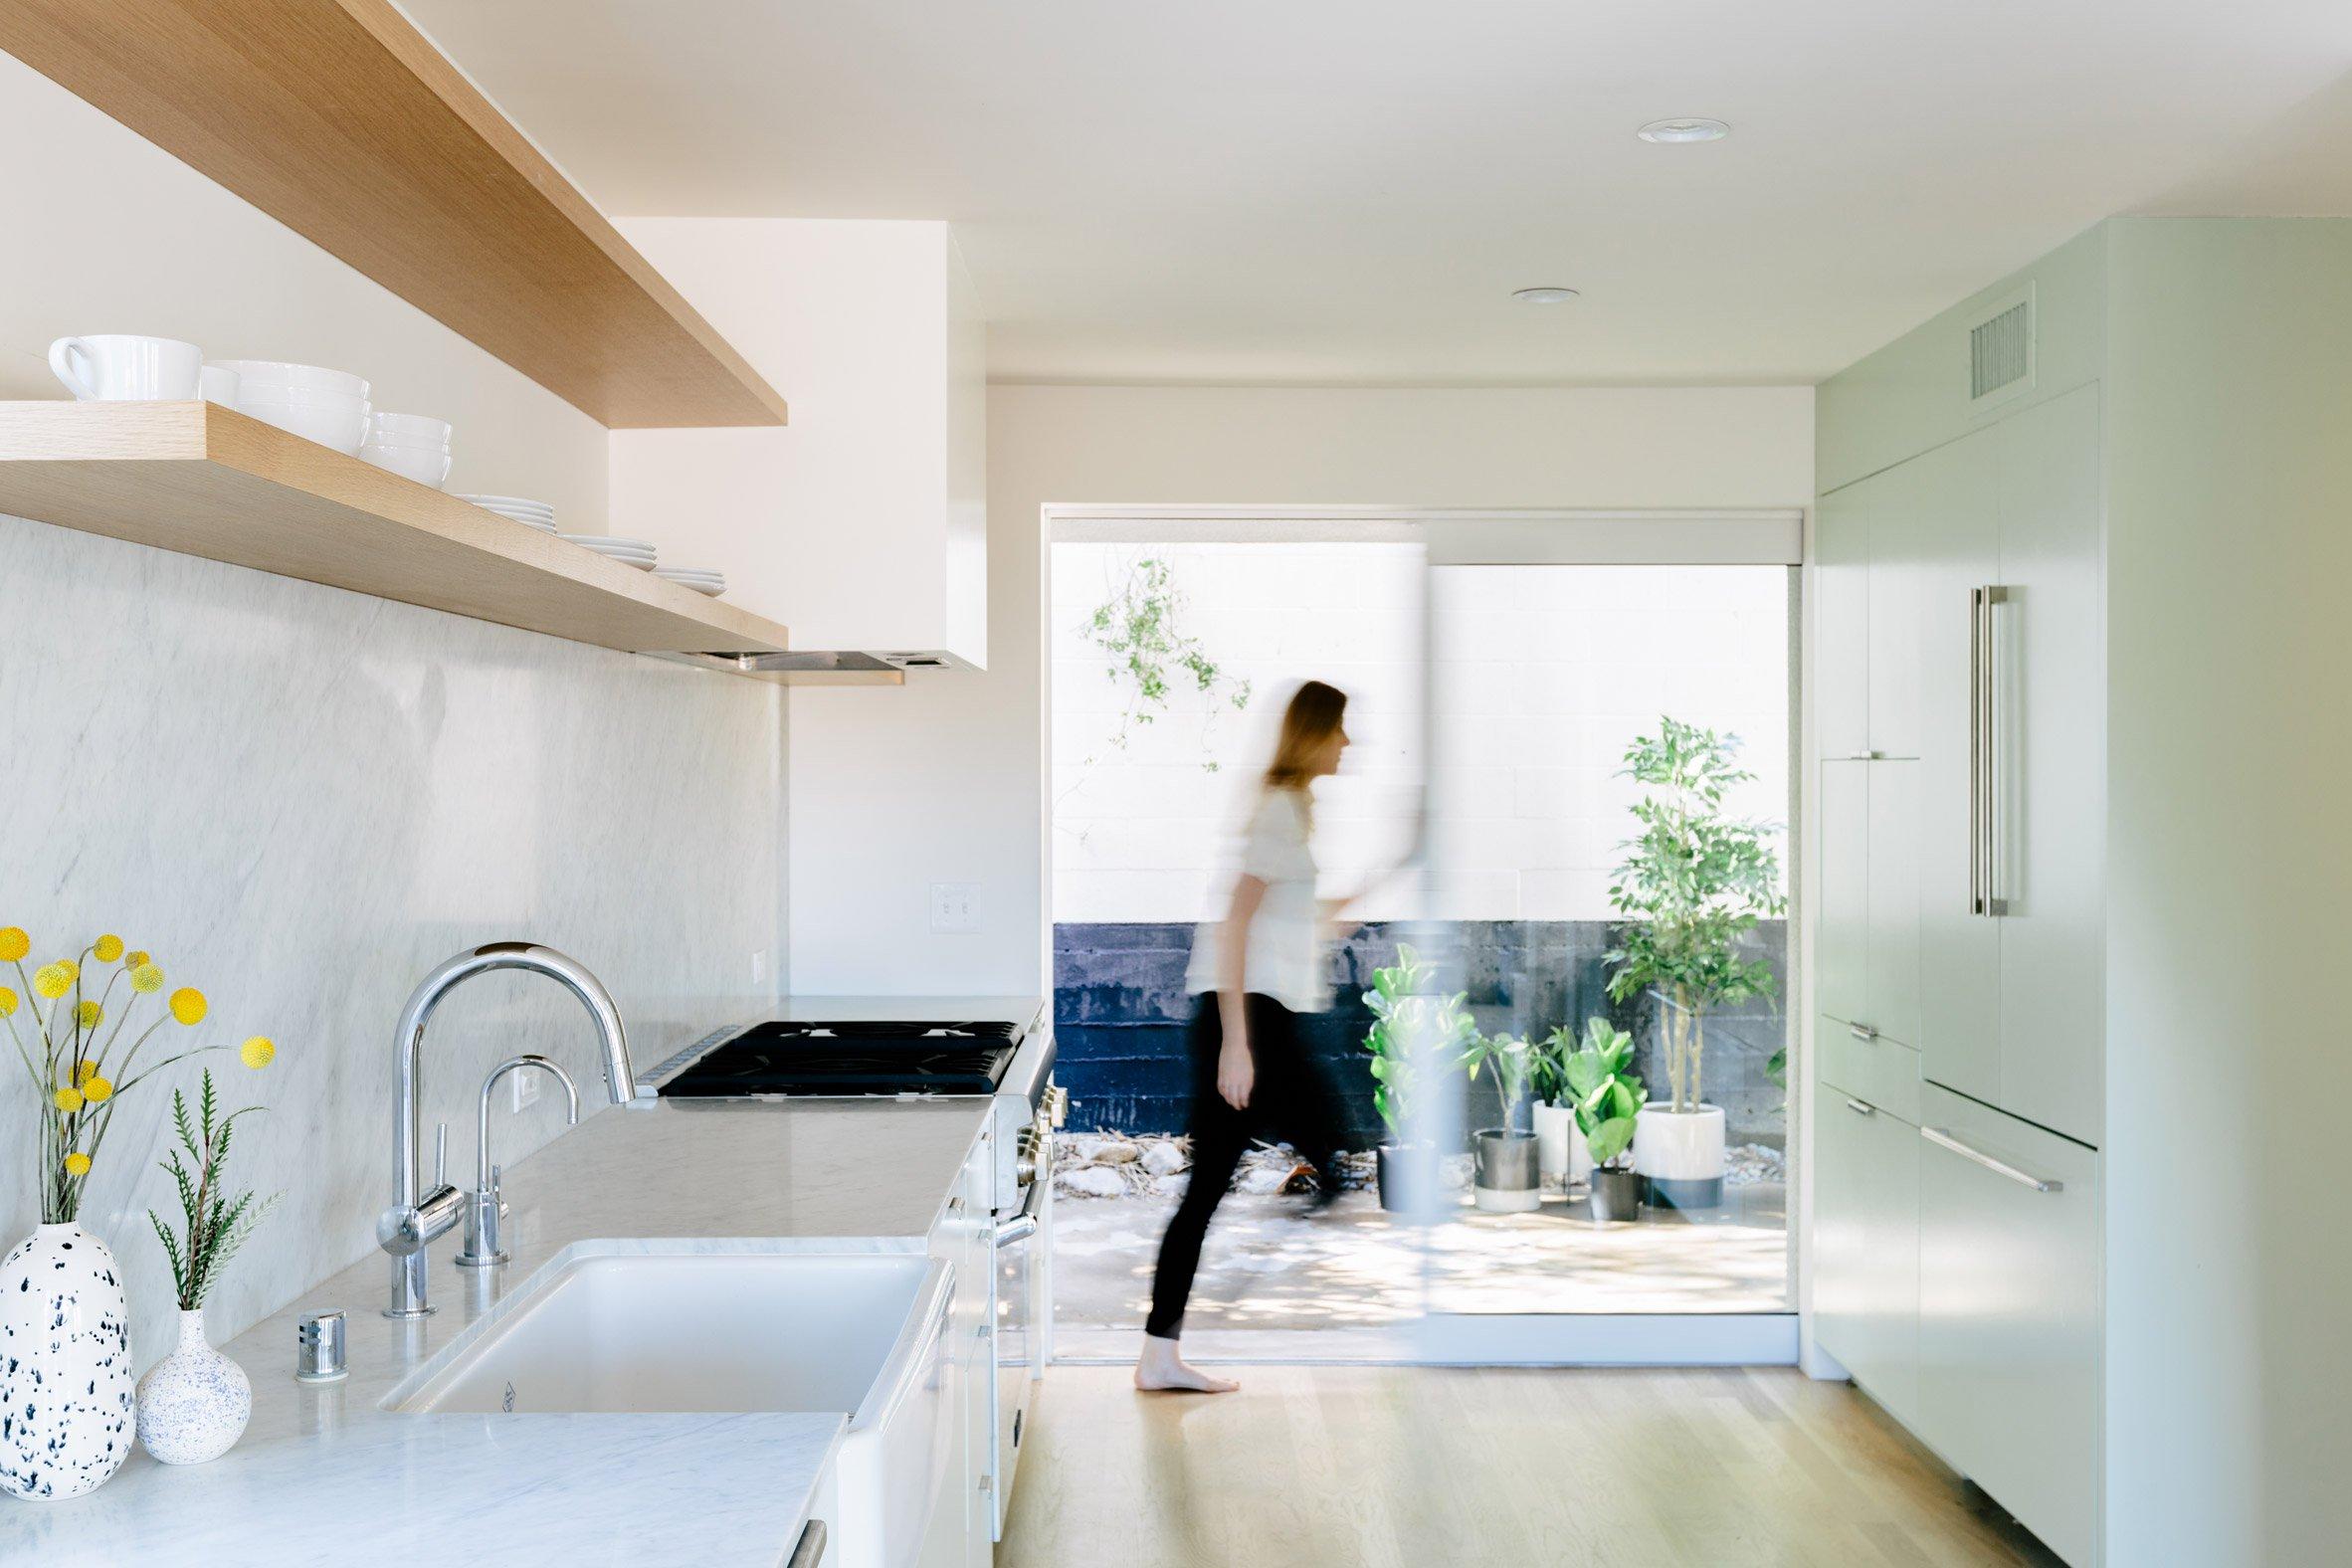 L vormige woonkamer met scandinavische eethoek en mintgroene